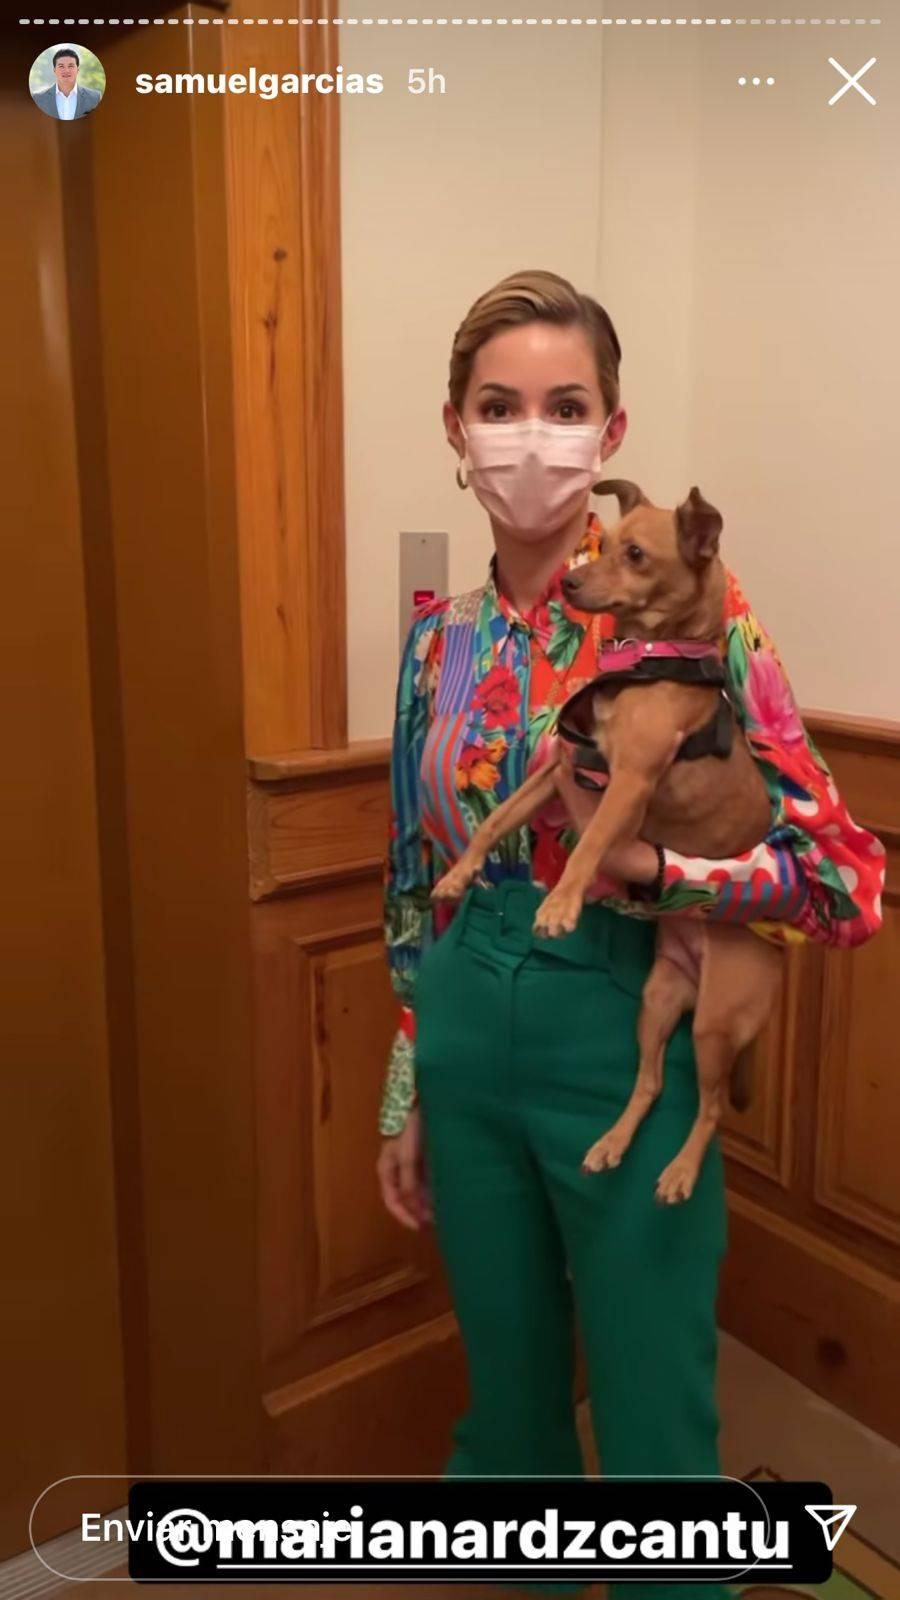 Mariana Rodríguez rescata a perrita perdida y la regresa con sus dueños